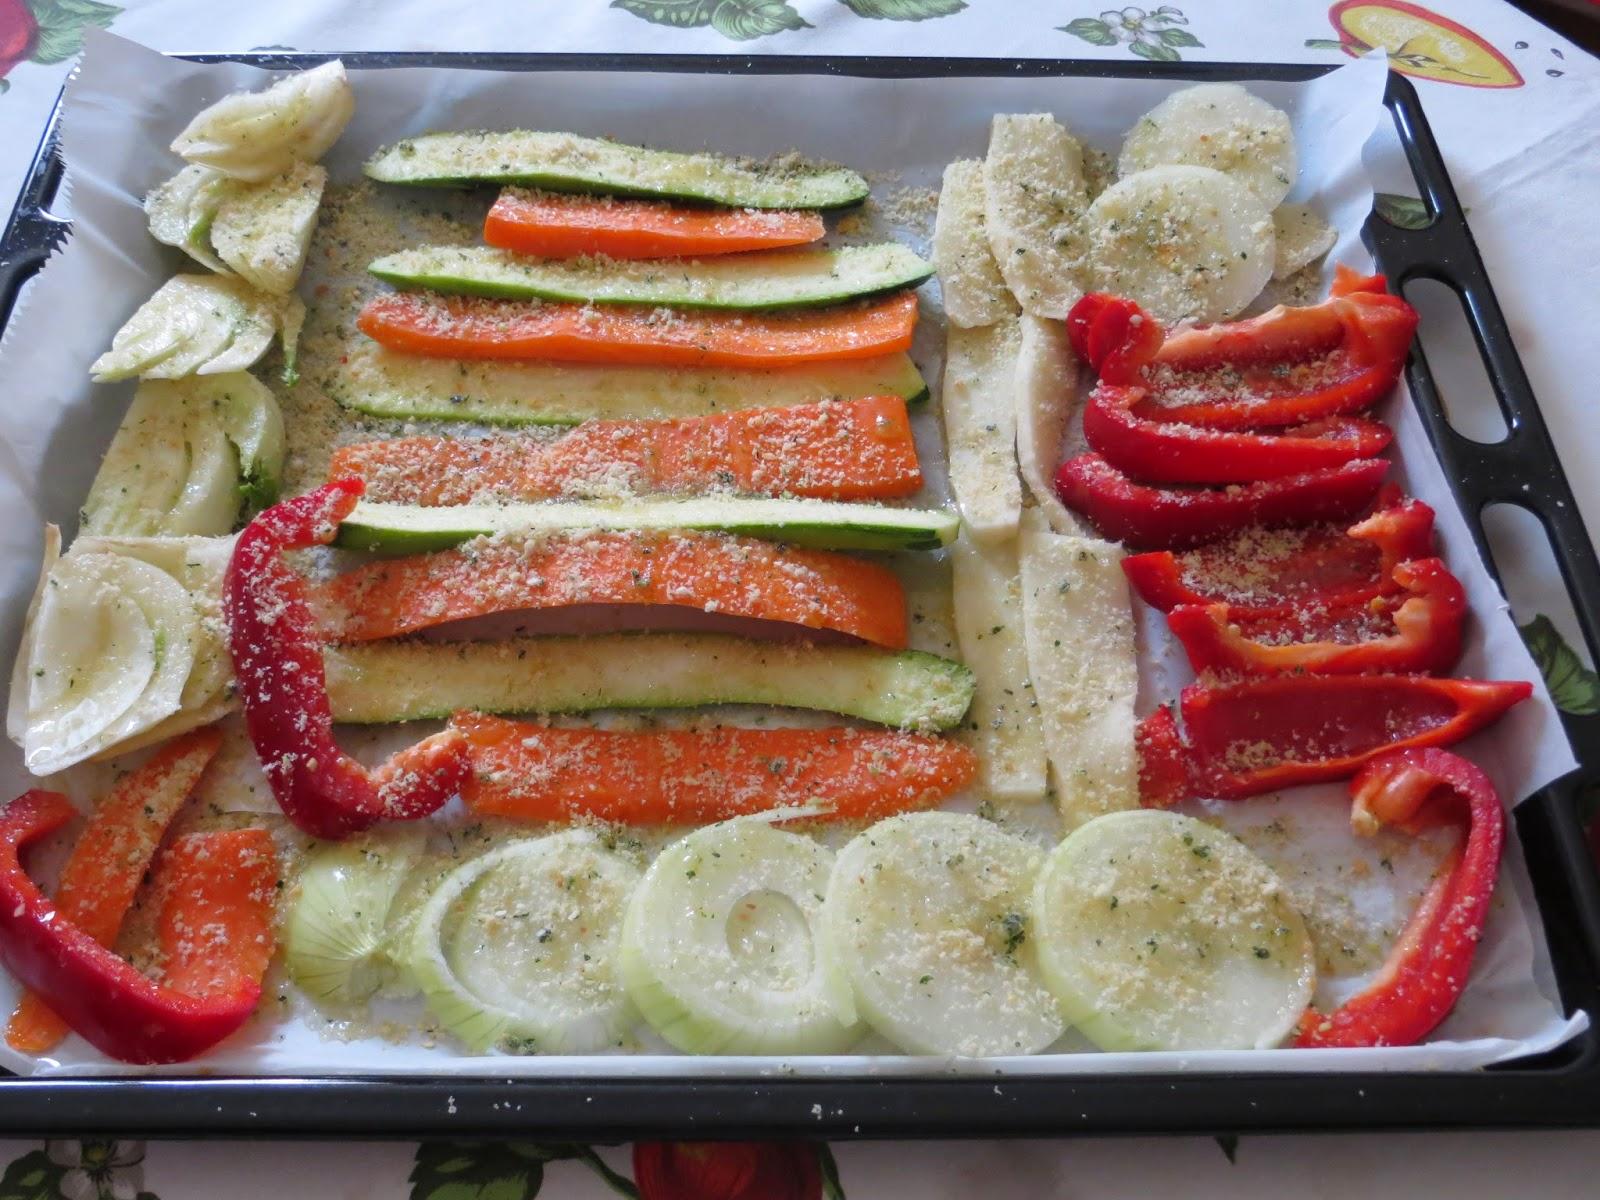 verdure grigliate e nuovo premio